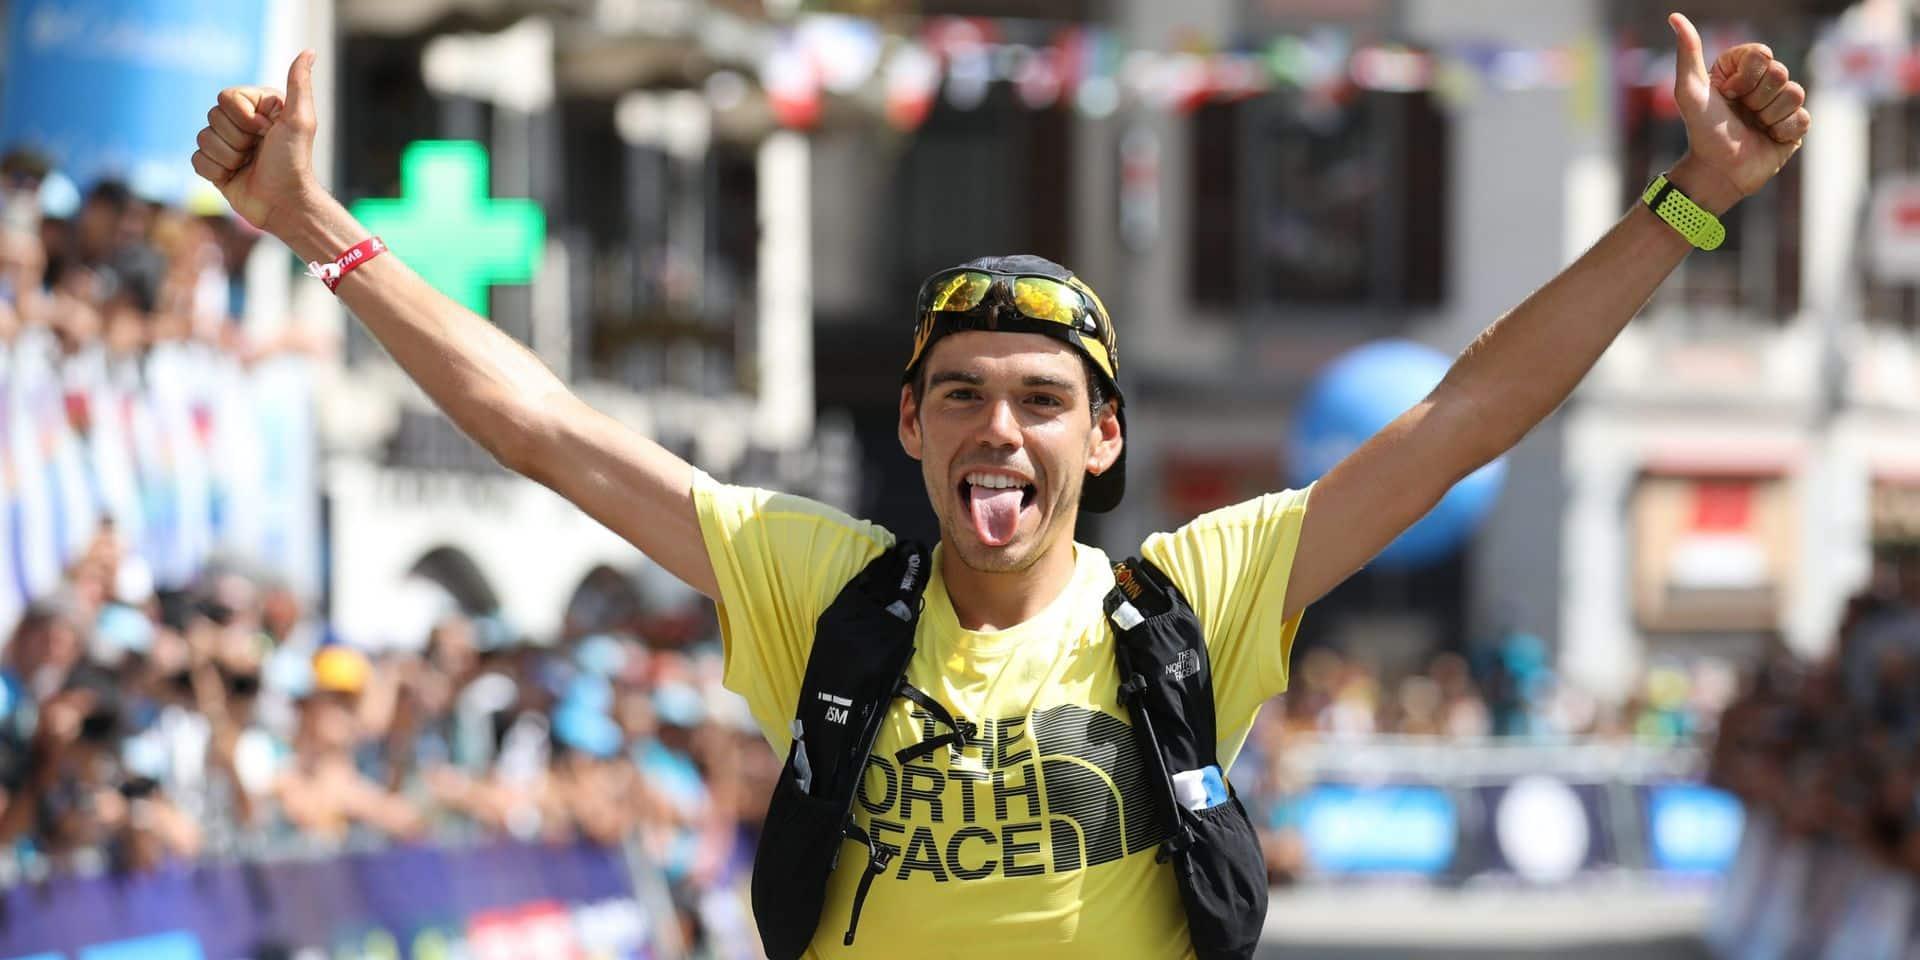 Pau Capell s'attaque au record de l'UTMB